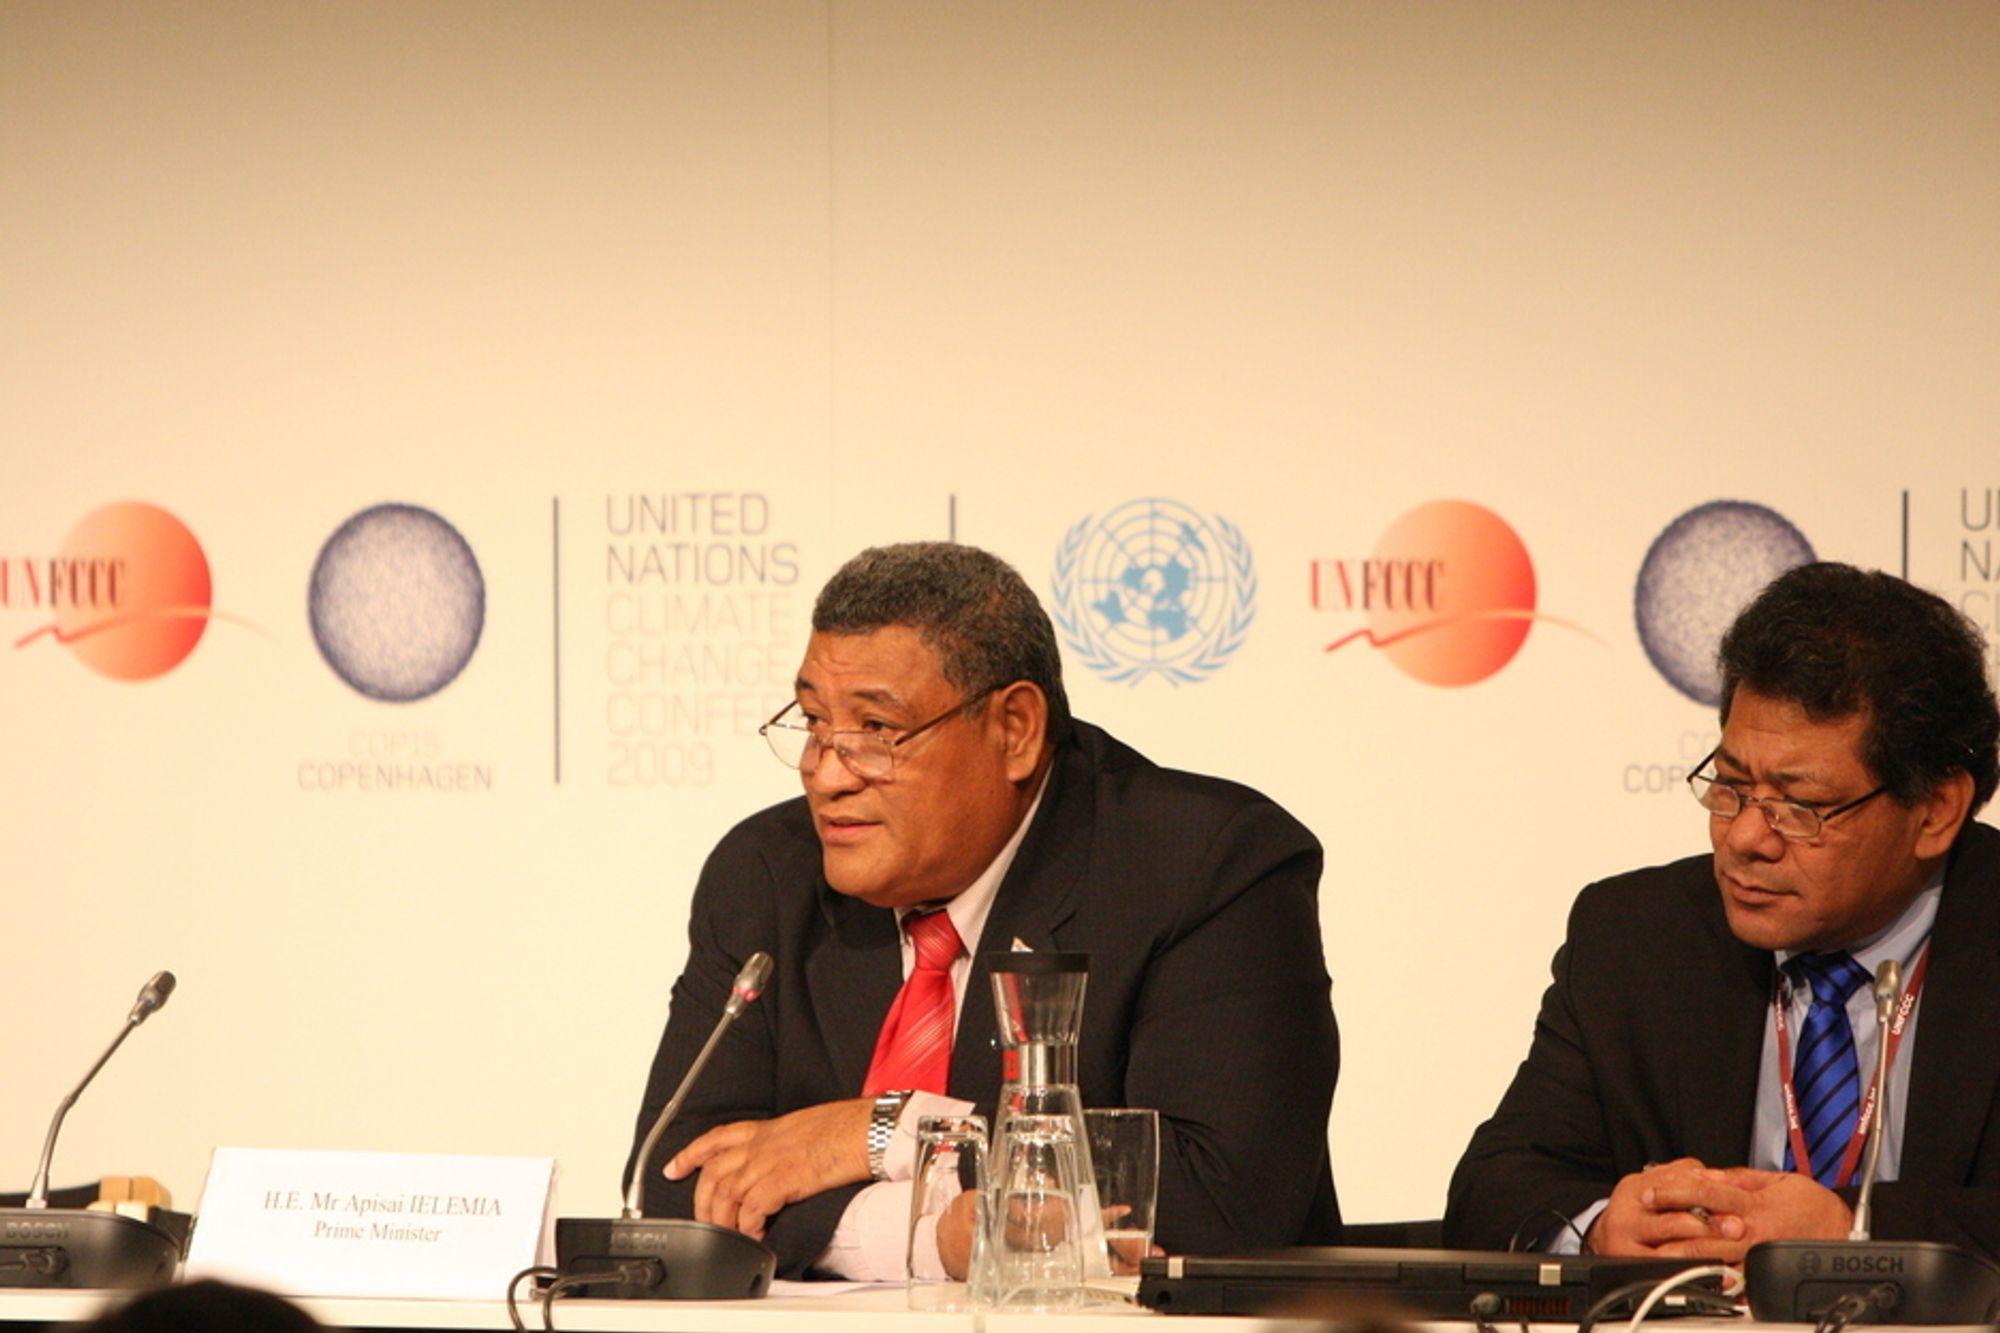 FRYKTER ØDELEGGELSE: - Vi vil ikke la oss presse. Vi rokker ikke ved vårt 1,5-gradersmål, sier øystaten Tuvalus statsminister Apisai Ielemia. Han er redd for havstigning.